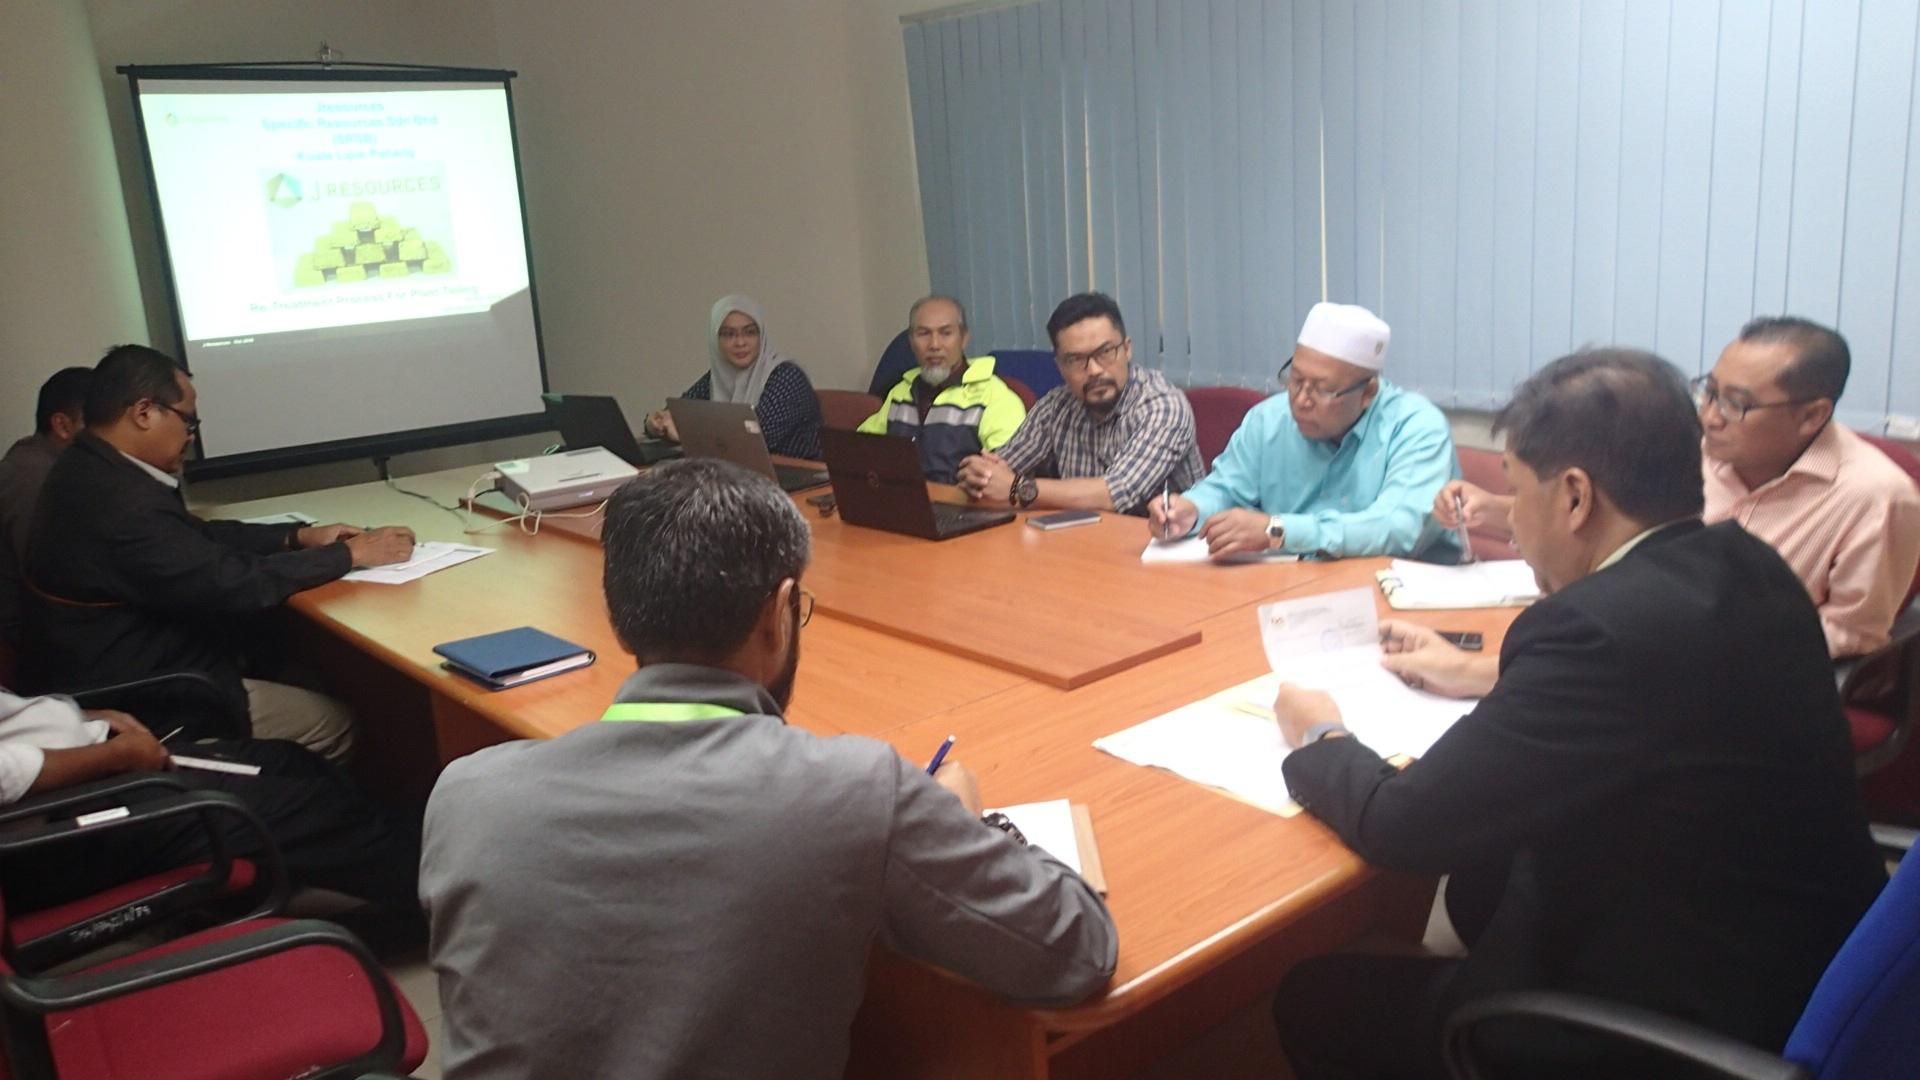 Sesi Taklimat 'Roasting Kiln Penjom Gold Mine, Lipis' oleh J Resources Bhd. di JMG Pahang